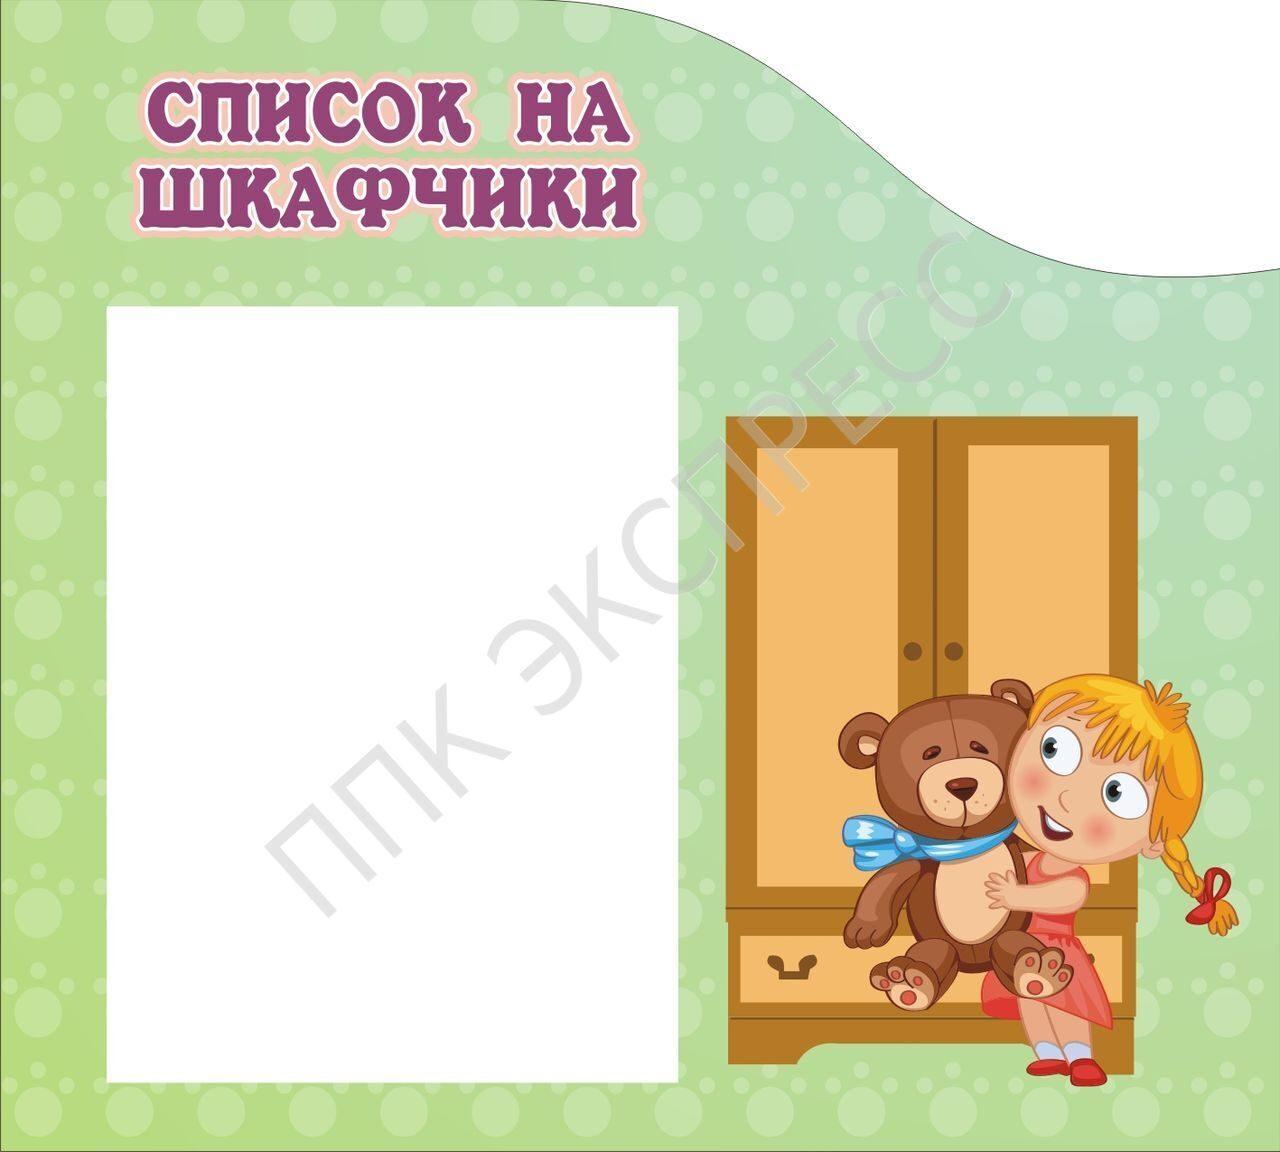 Что должно быть в шкафчике у ребенка в детском саду в картинках